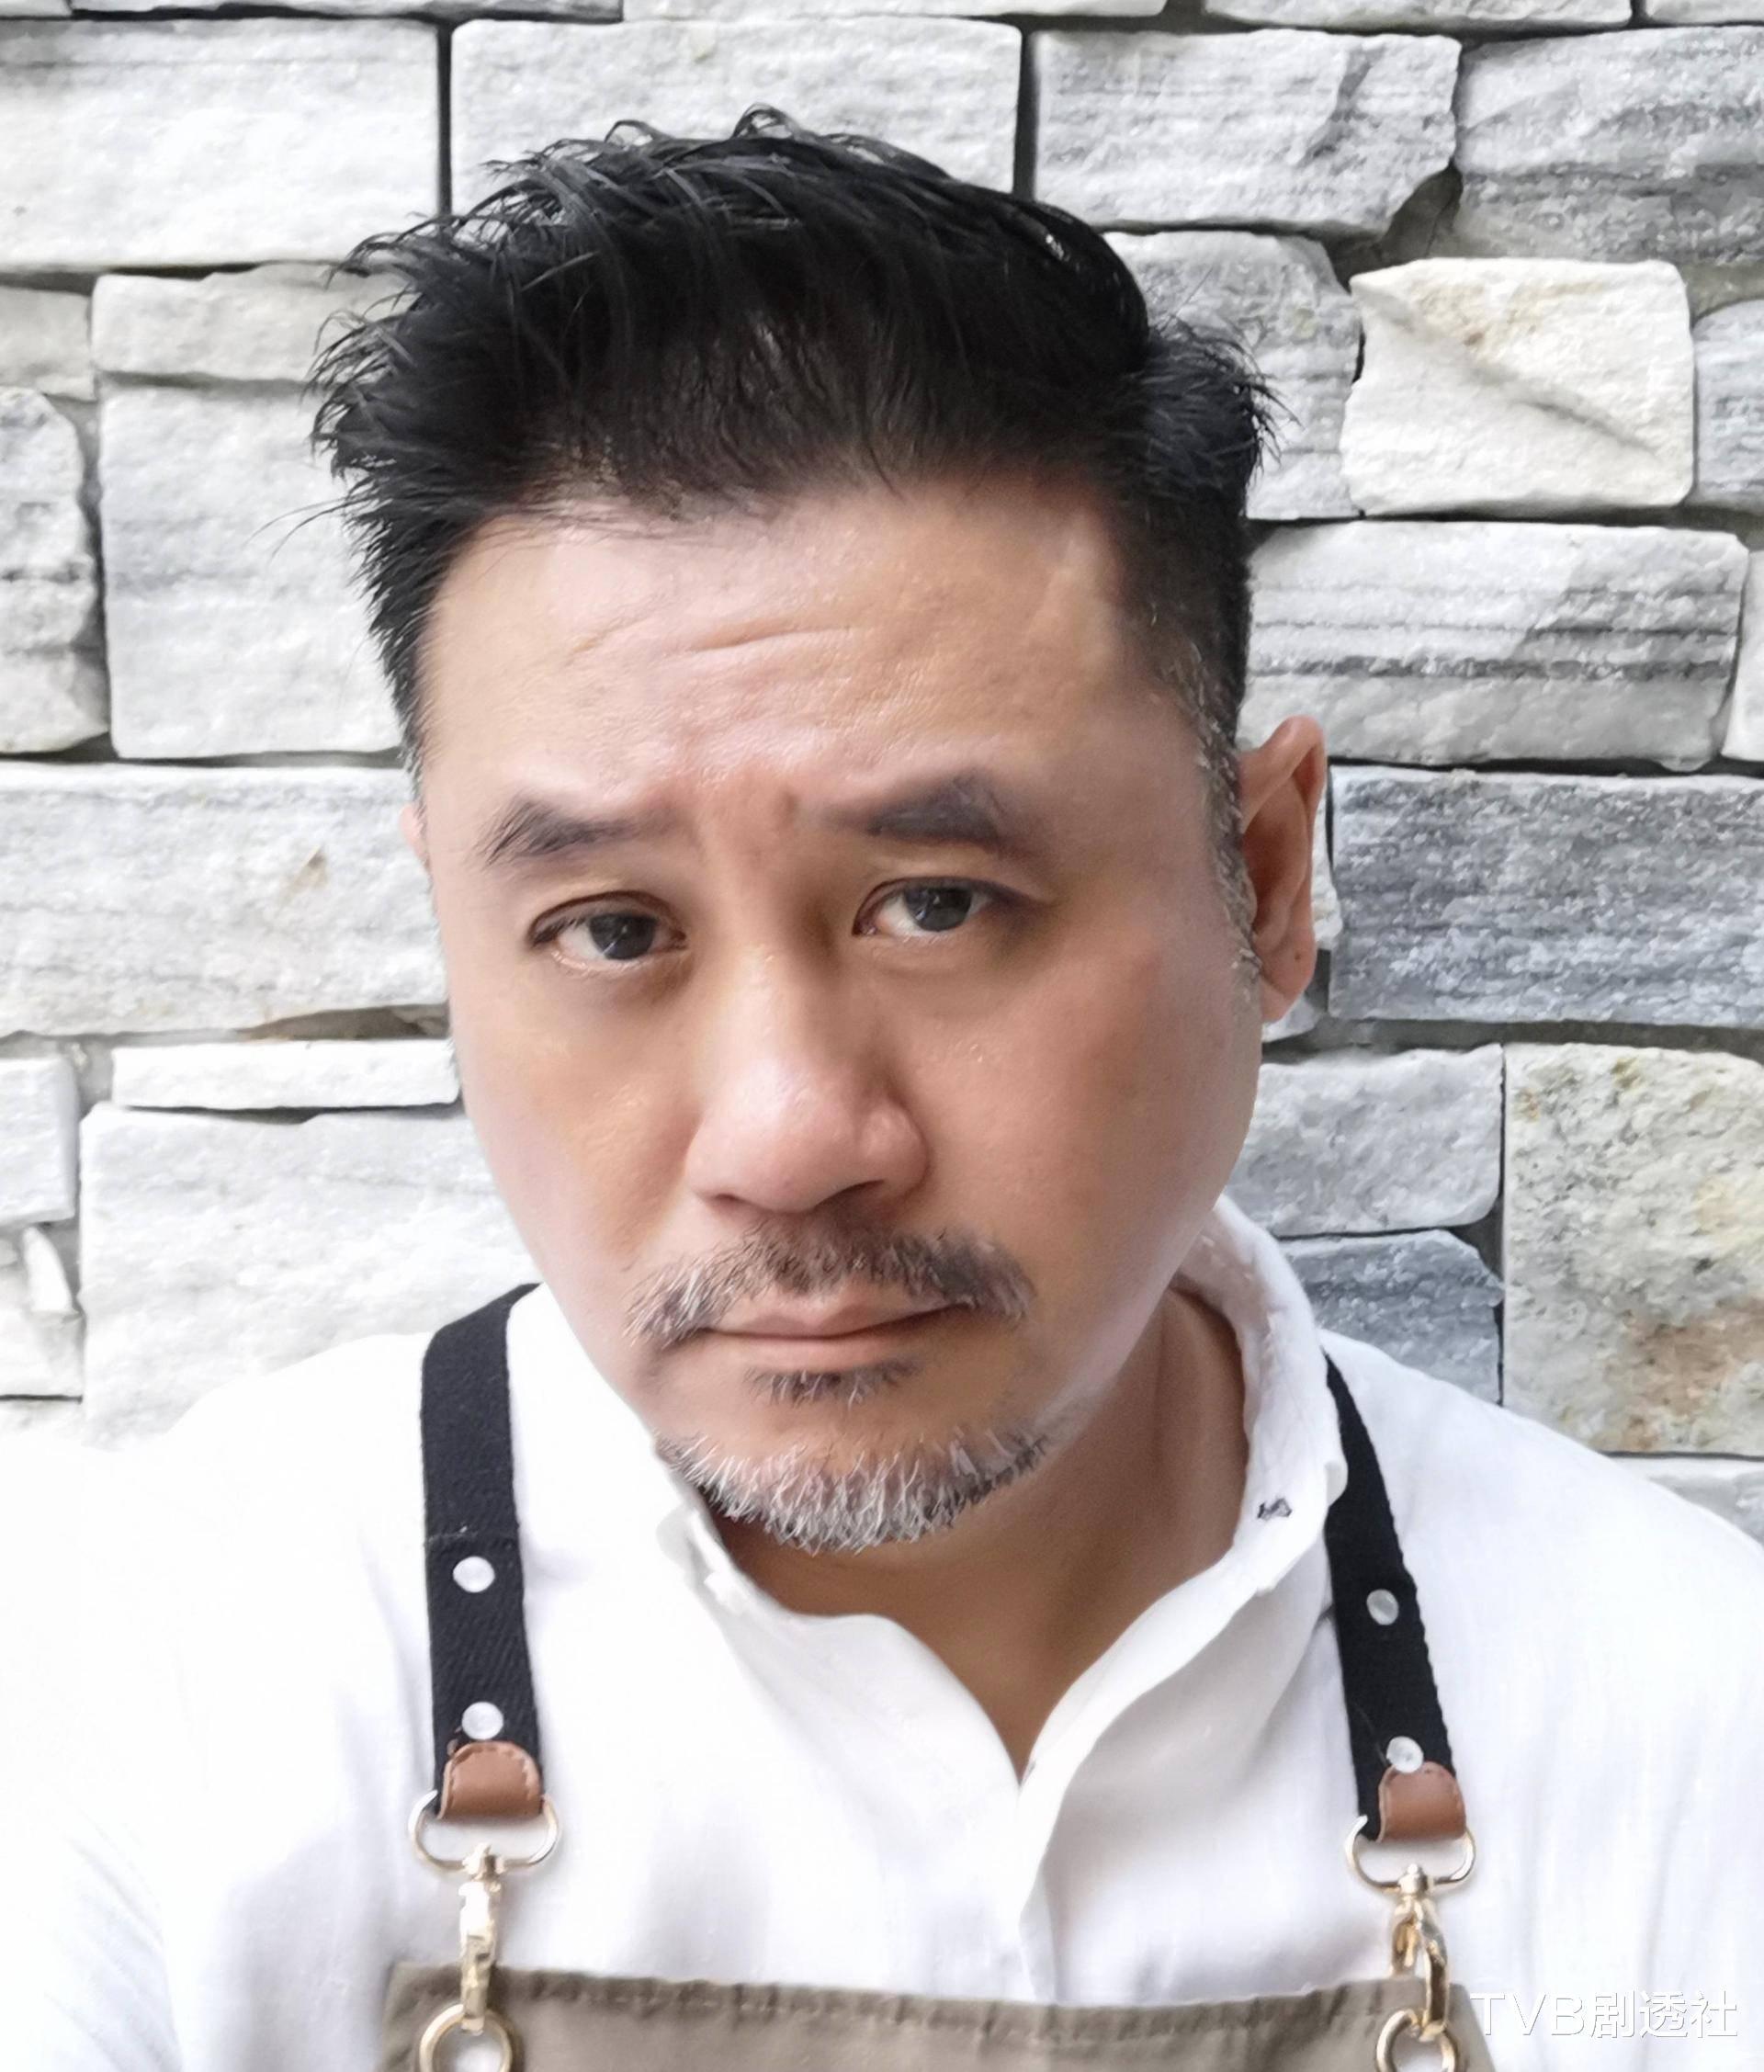 好慘! TVB男星餐廳被人潑紅油, 開業才三個月疑與人結怨-圖1